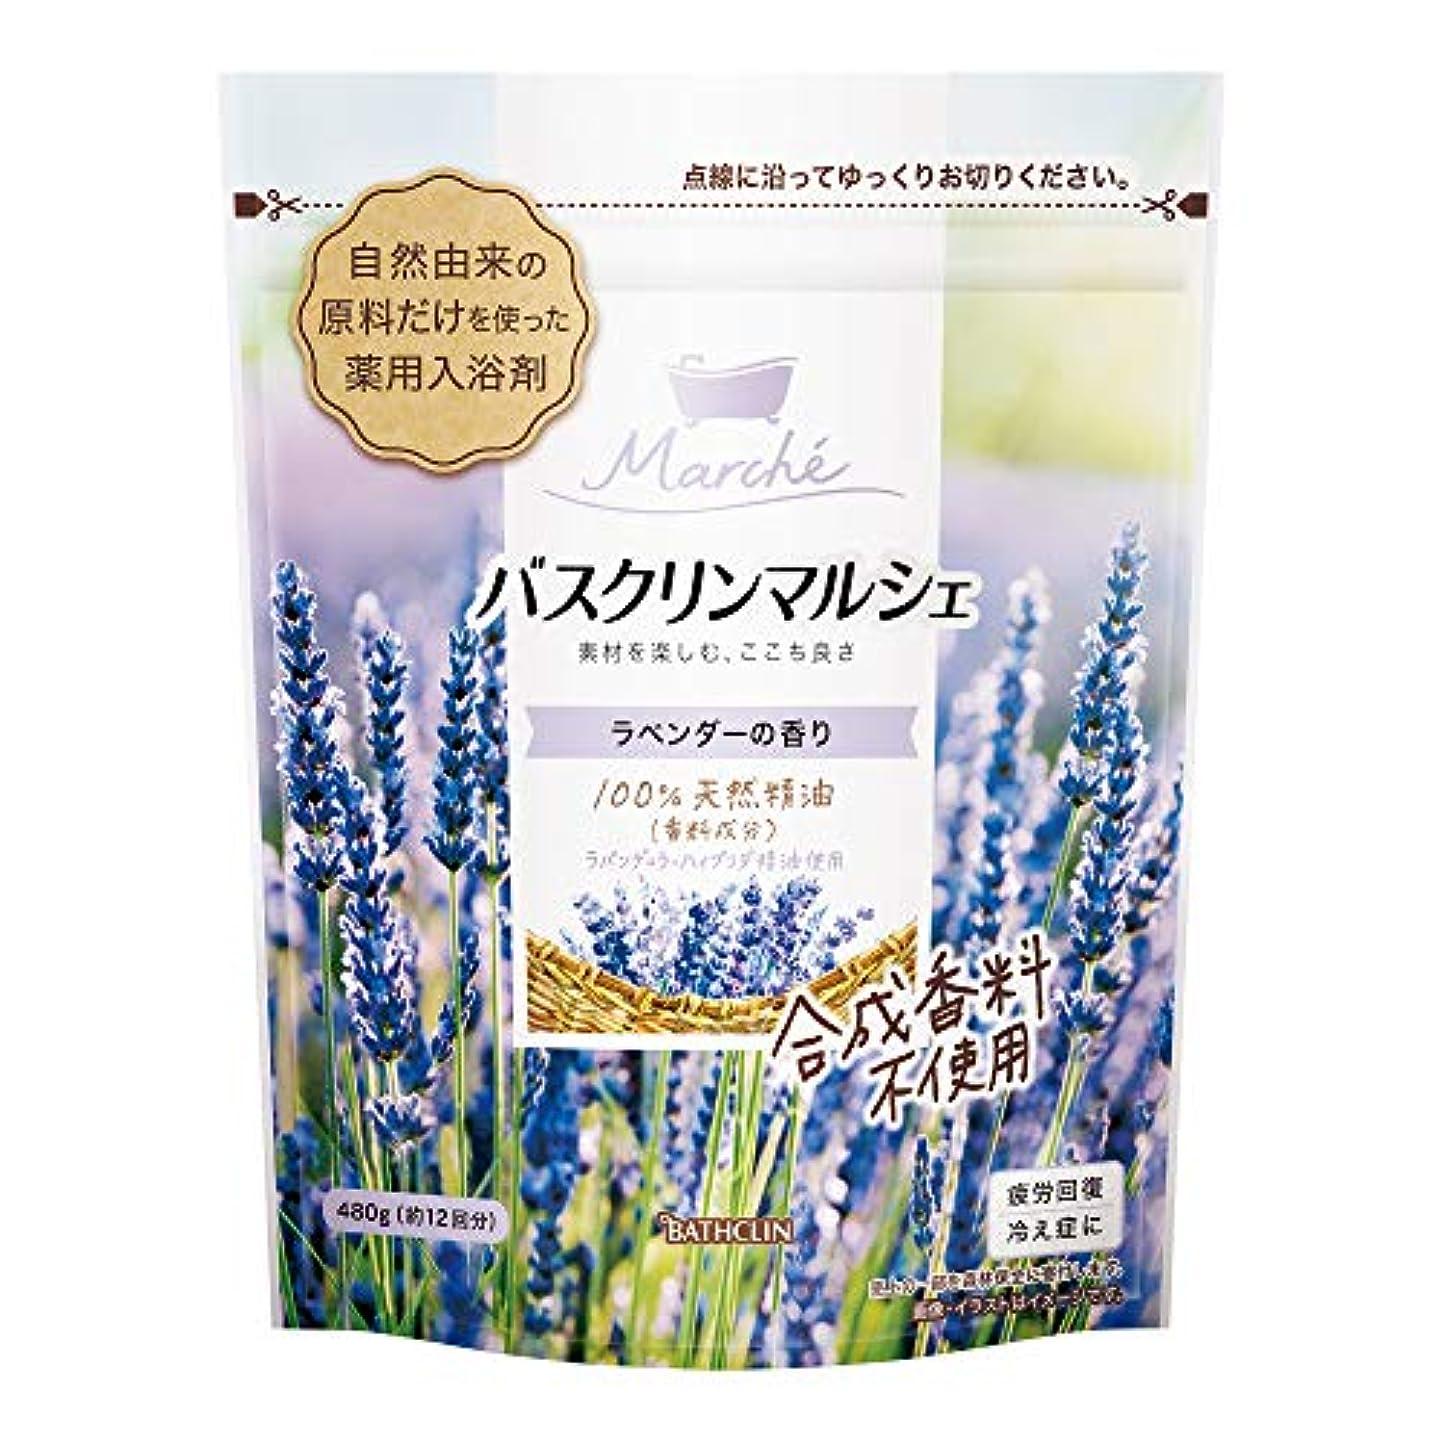 寄り添うアイデアインテリアバスクリンマルシェラベンダーの香り 入浴剤 そよ風に揺れる花を想わせるラベンダーの香りの入浴剤 480g